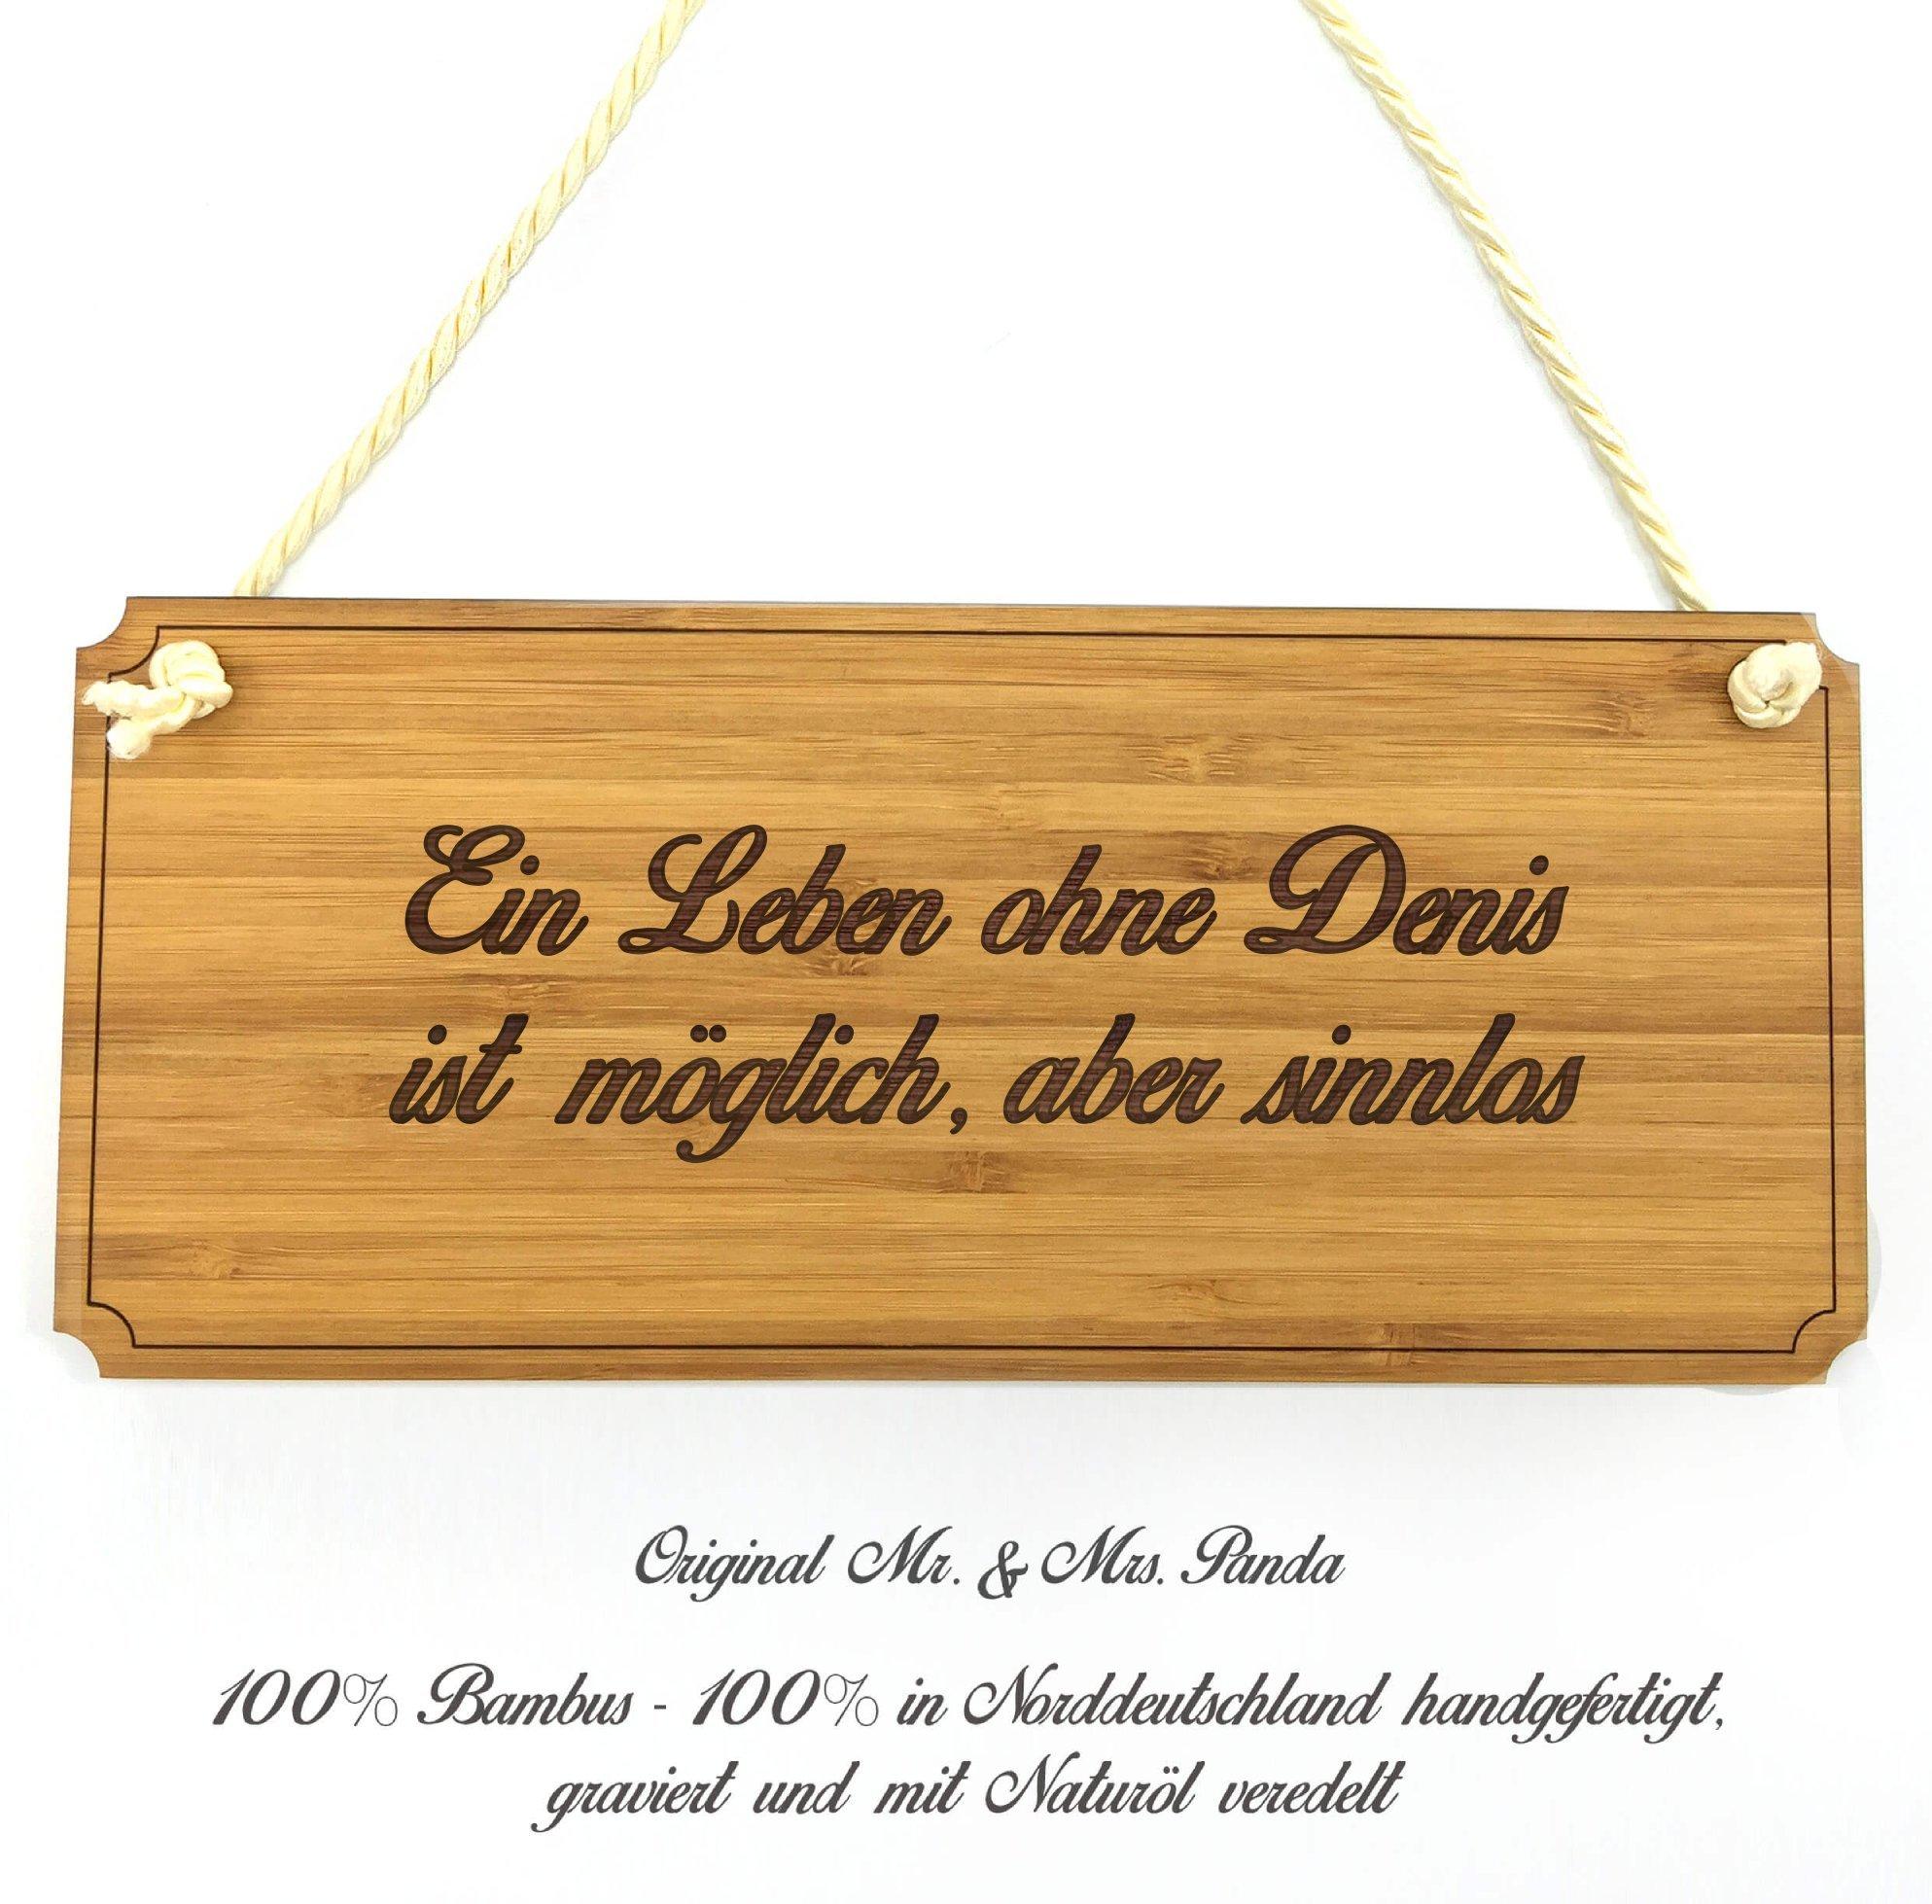 Mr. & Mrs. Panda Türschild Denis Classic Schild - 100% handgefertigt aus Bambus Holz - Anhänger, Geschenk, Vorname, Name, Initialien, Graviert, Gravur, Schlüsselbund, handmade, exklusiv 5